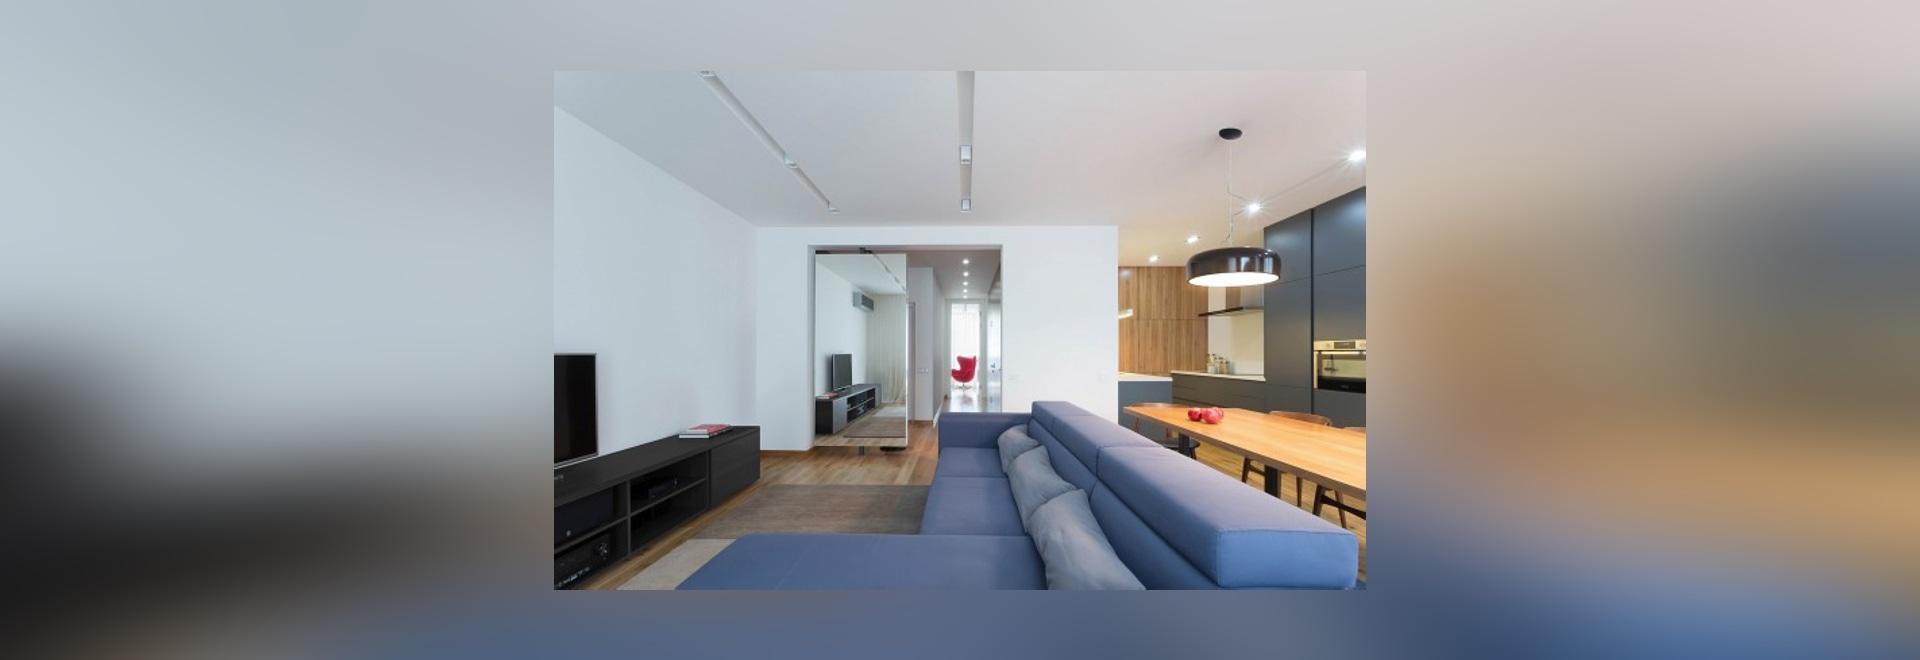 Zwei moderne Häuser mit Räumen für kleine Kinder [mit Fußboden ...